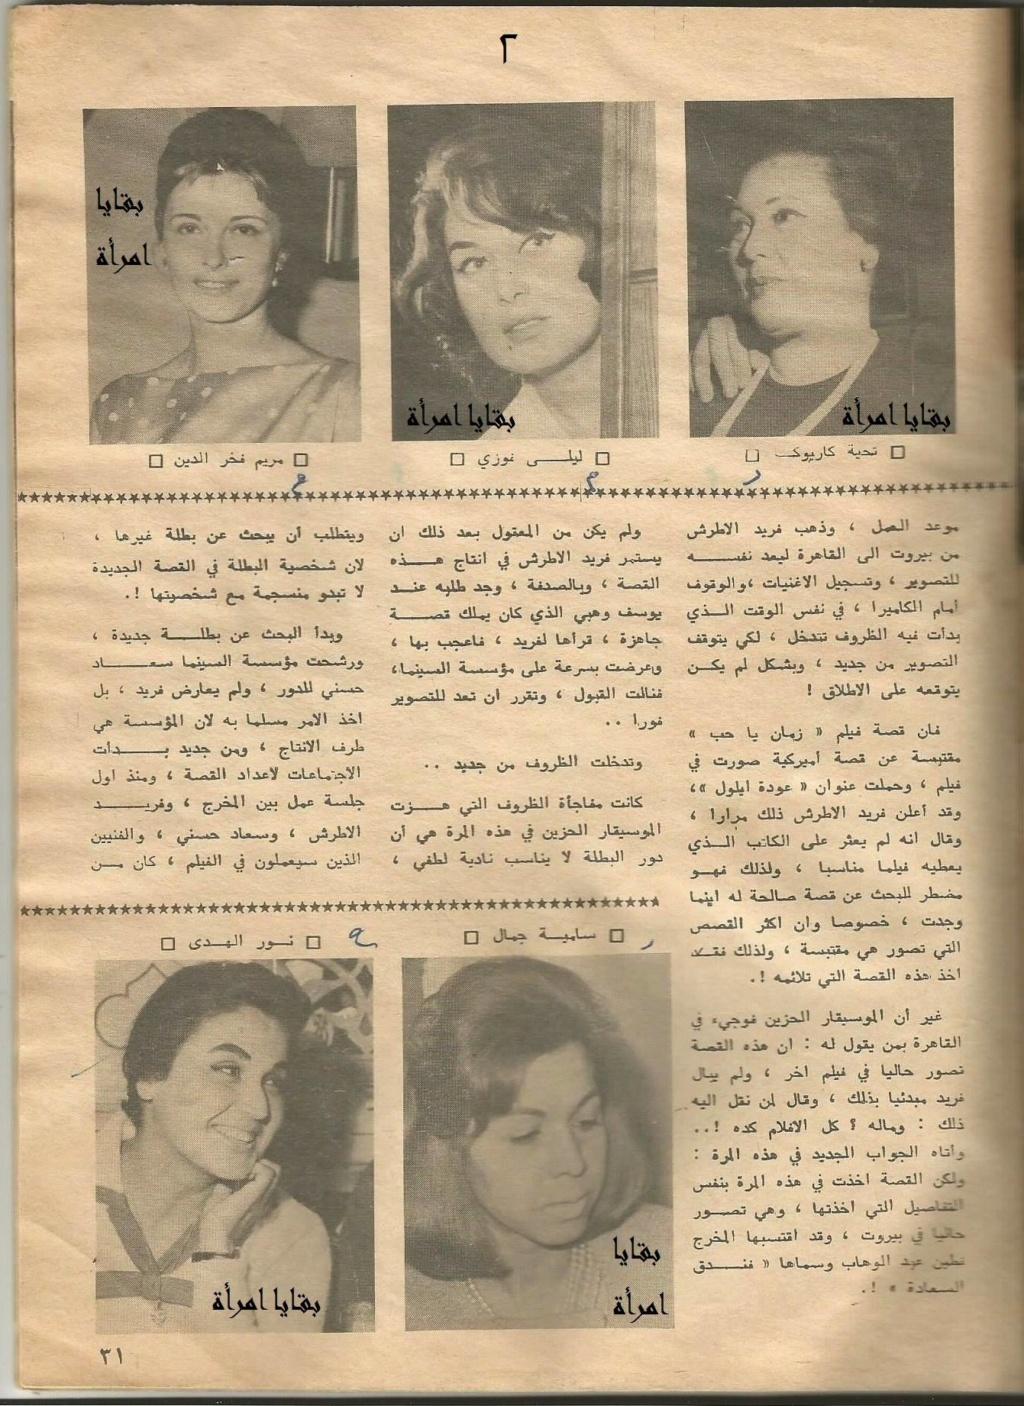 مقال - مقال صحفي : من تكون حولييت رقم 30 التي سيحبها فريد الأطرش ؟ 1971 م 2214